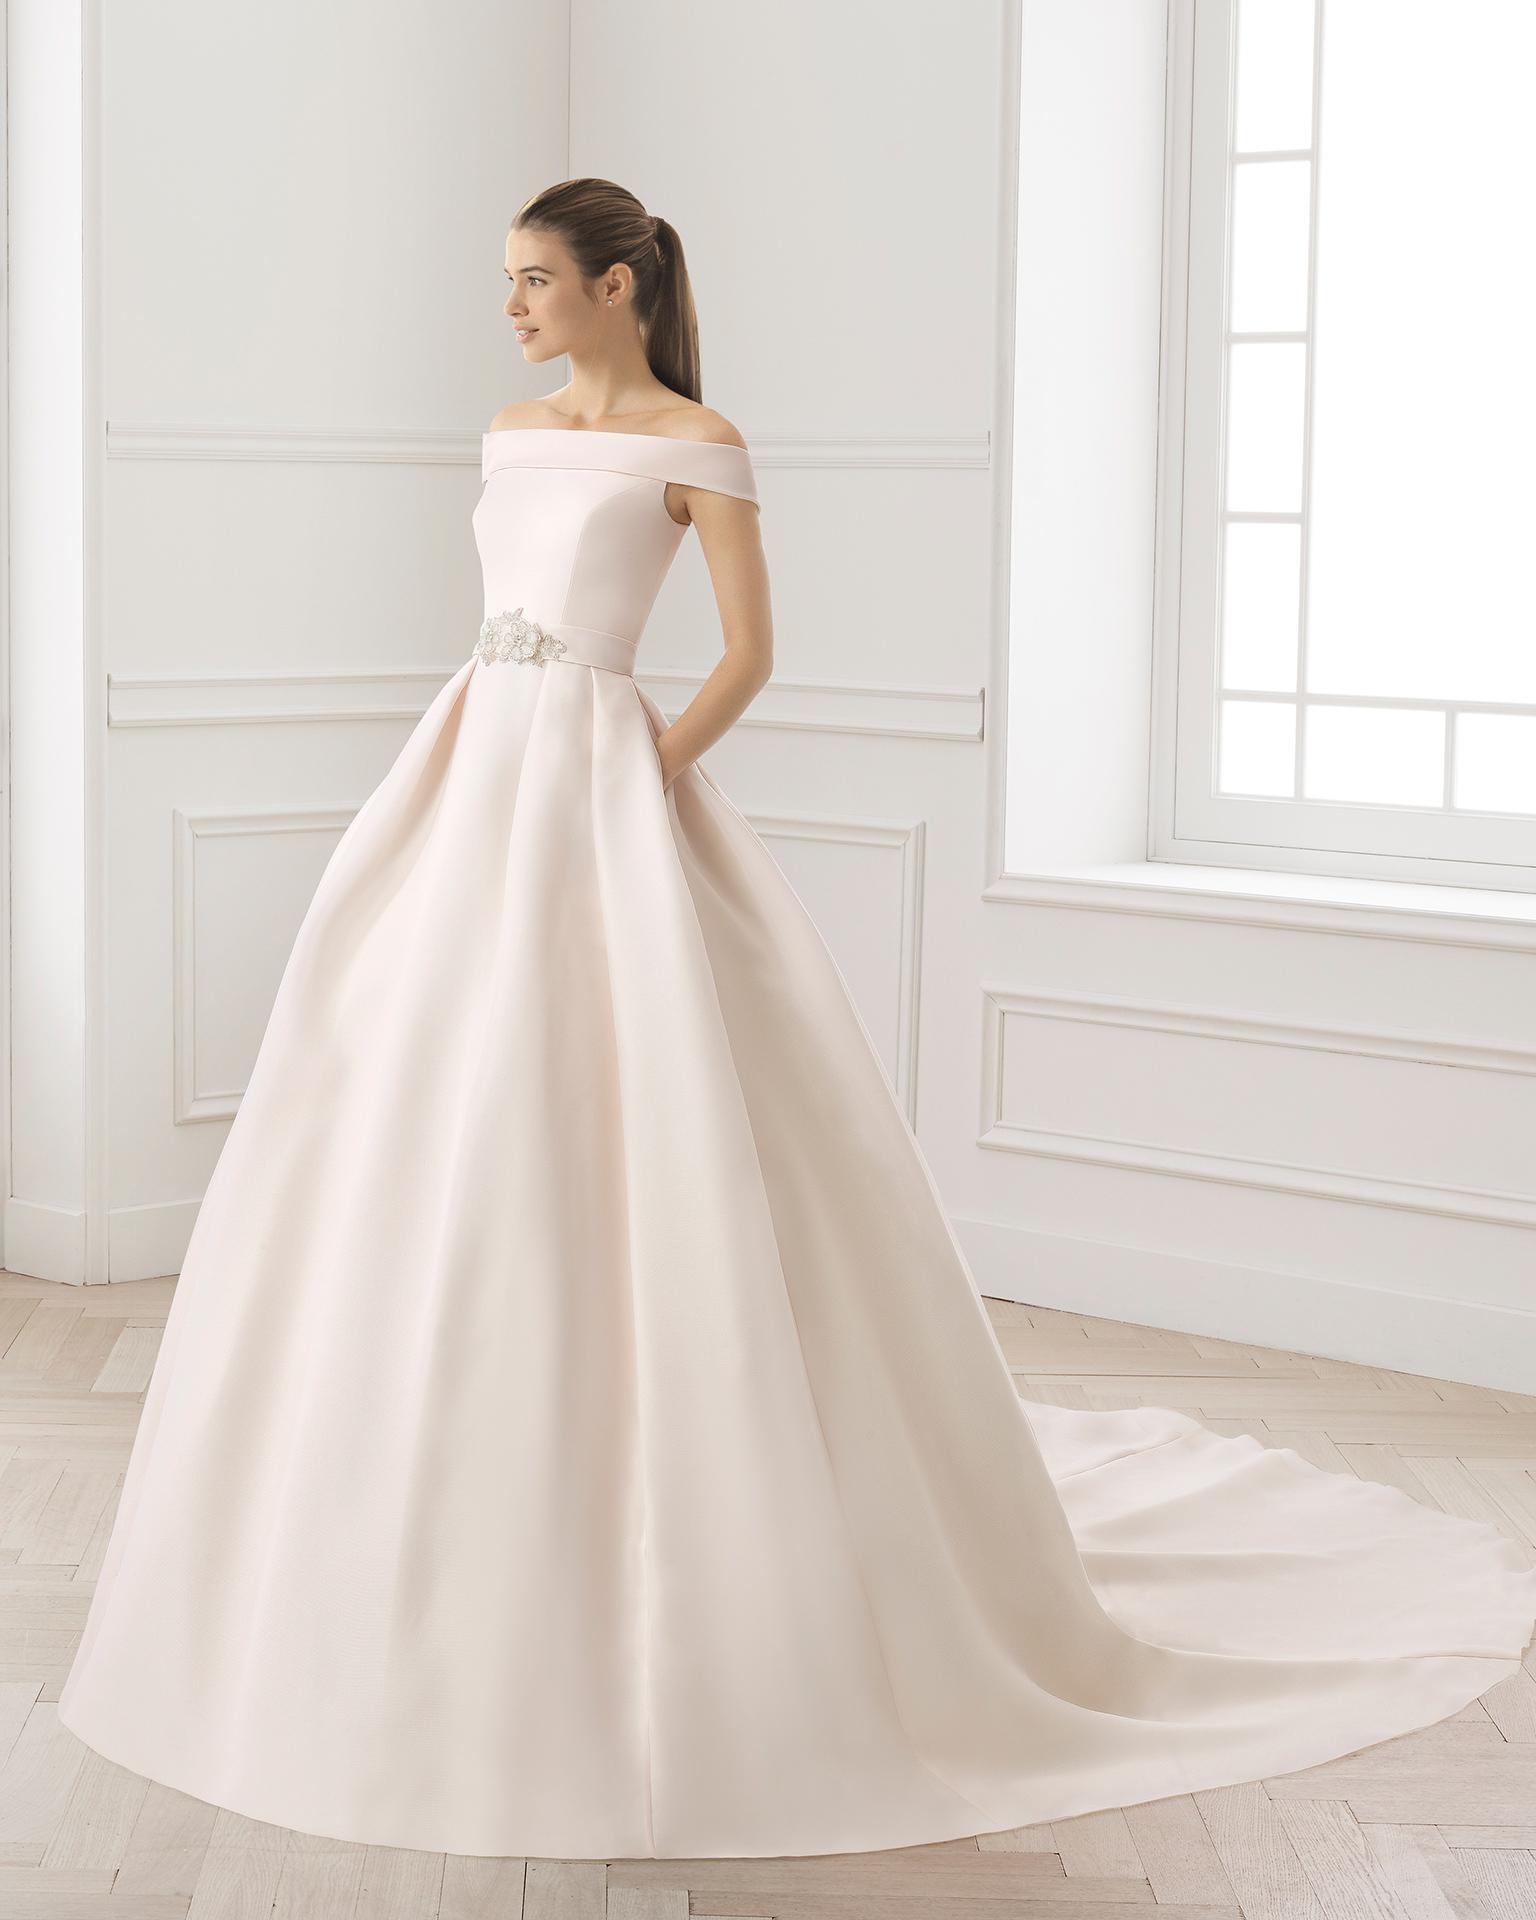 Robe de mariée classique de couture en gazar, avec col bateau et découpe à la taille, de couleur rose et naturelle.